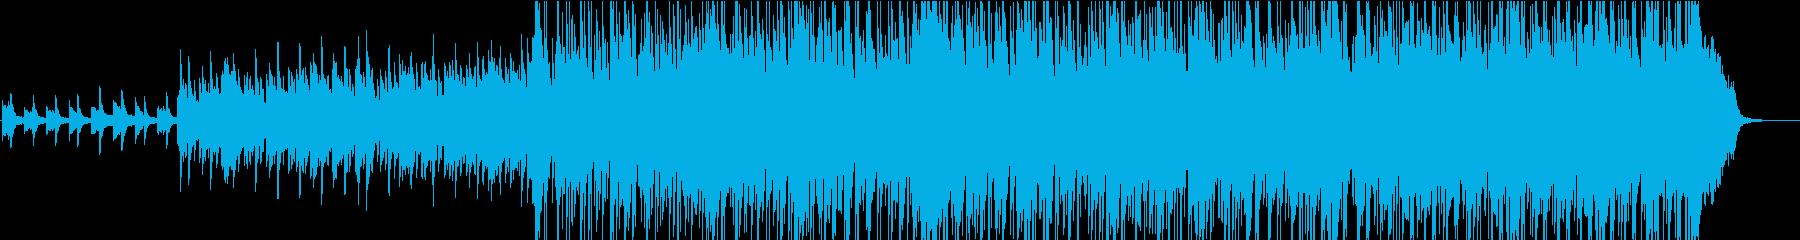 段々と盛り上がる壮大なバラード2の再生済みの波形